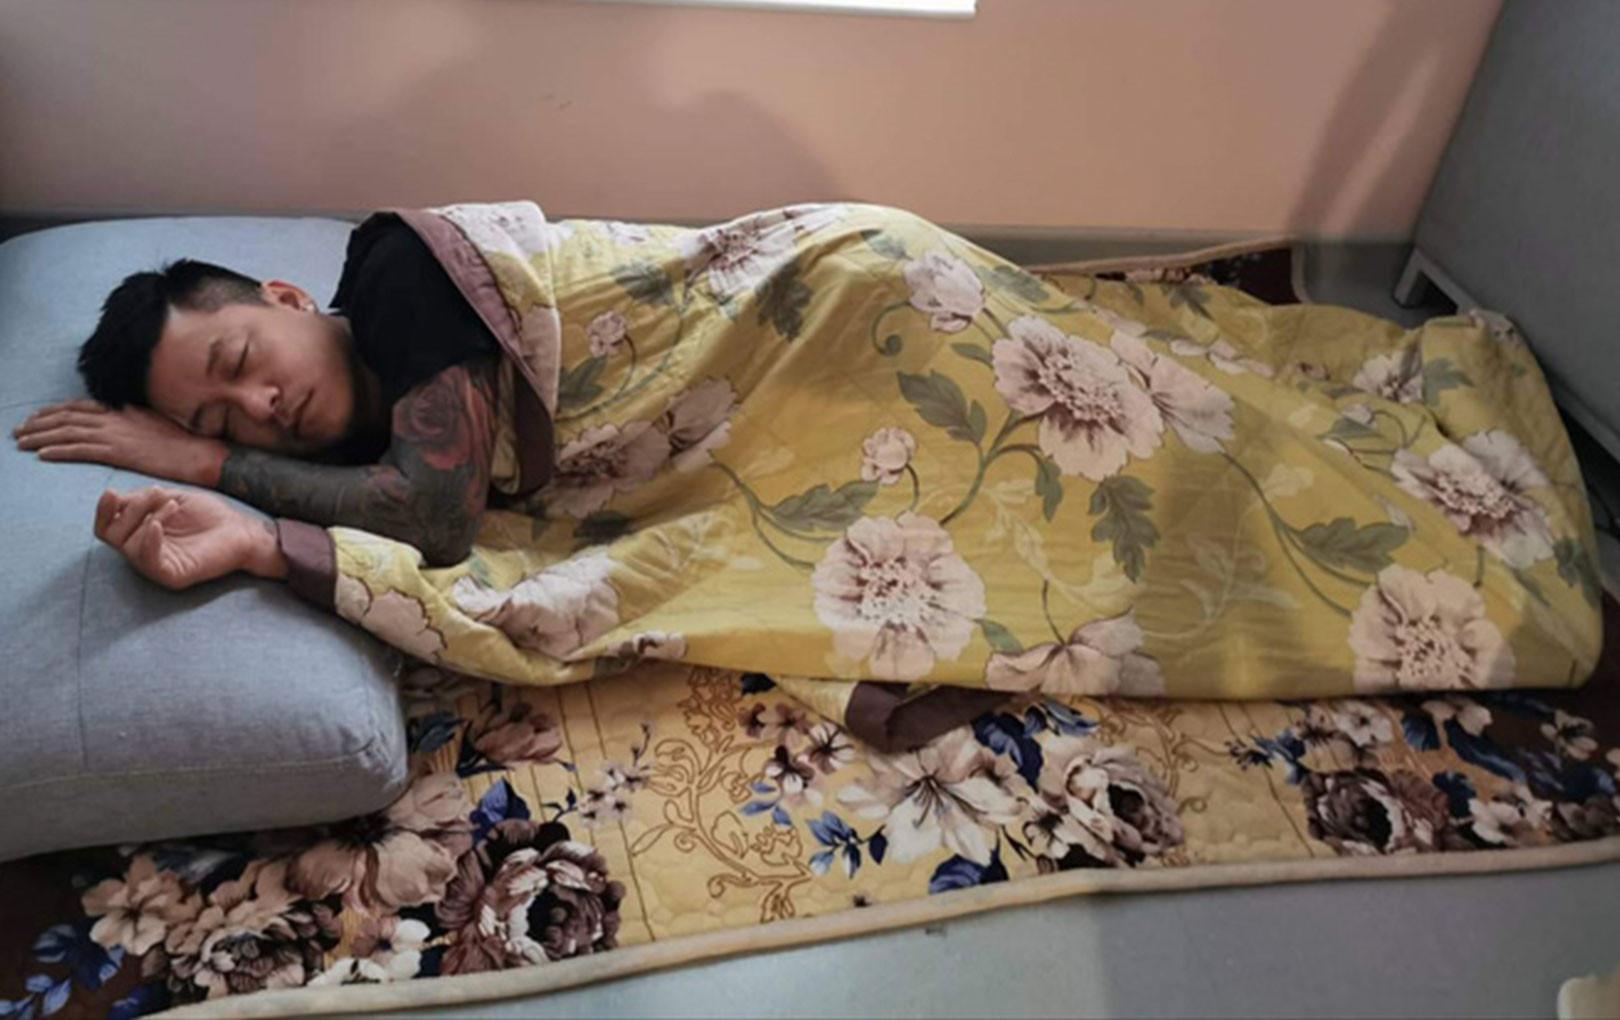 Tuấn Hưng ngủ thiếp dưới sàn nhà khi chăm vợ sanh lần 3 khiến CĐM nể phục